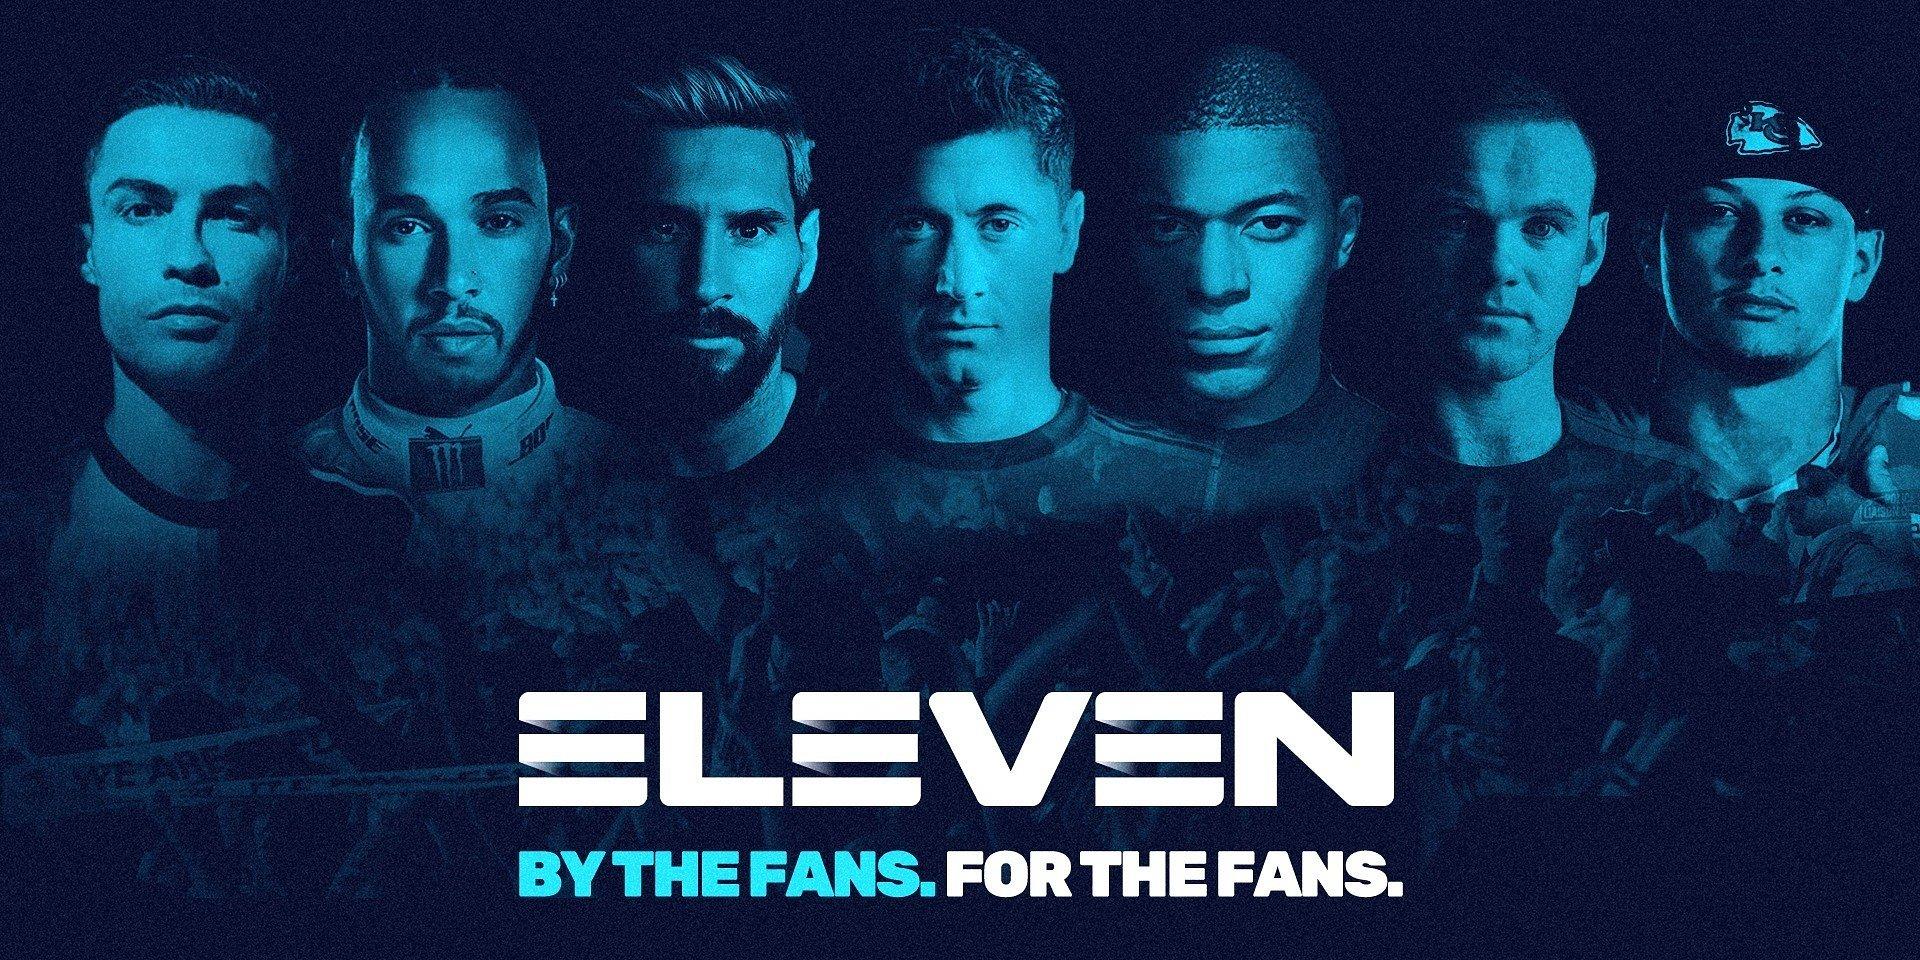 ELEVEN estreia 2ª temporada de 24/7 FC, série documental sobre o FC Köln